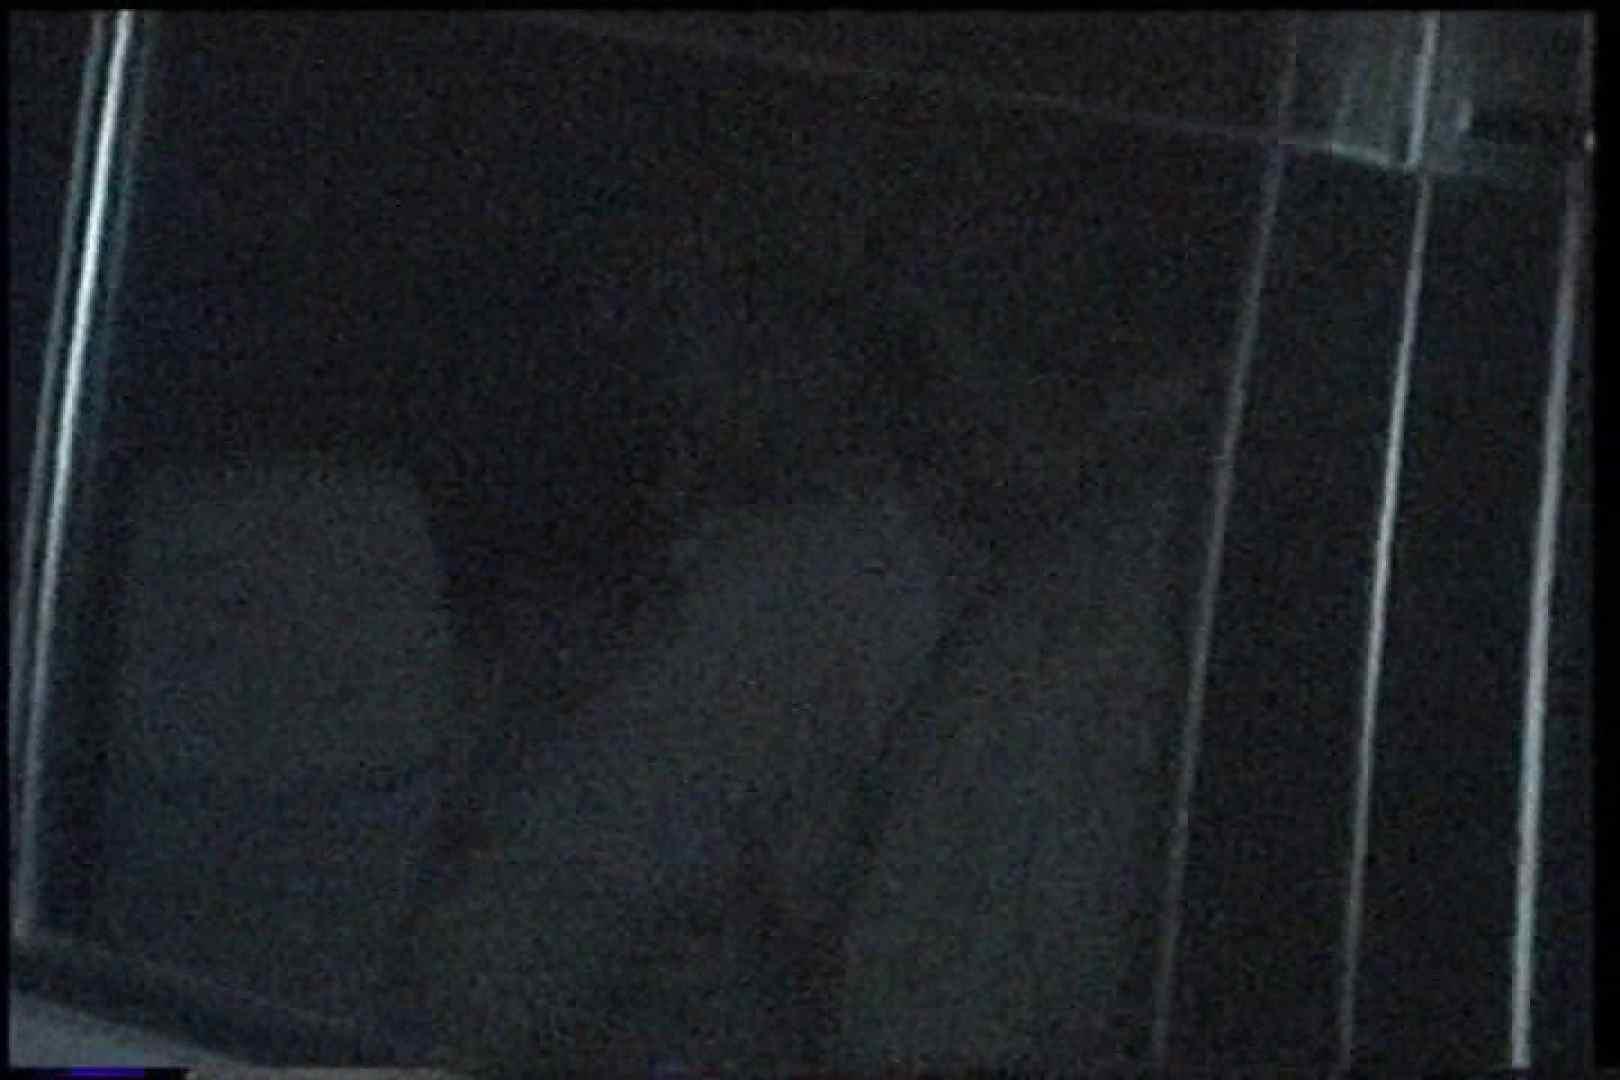 充血監督の深夜の運動会Vol.197 おまんこ無修正 おめこ無修正画像 77pic 23